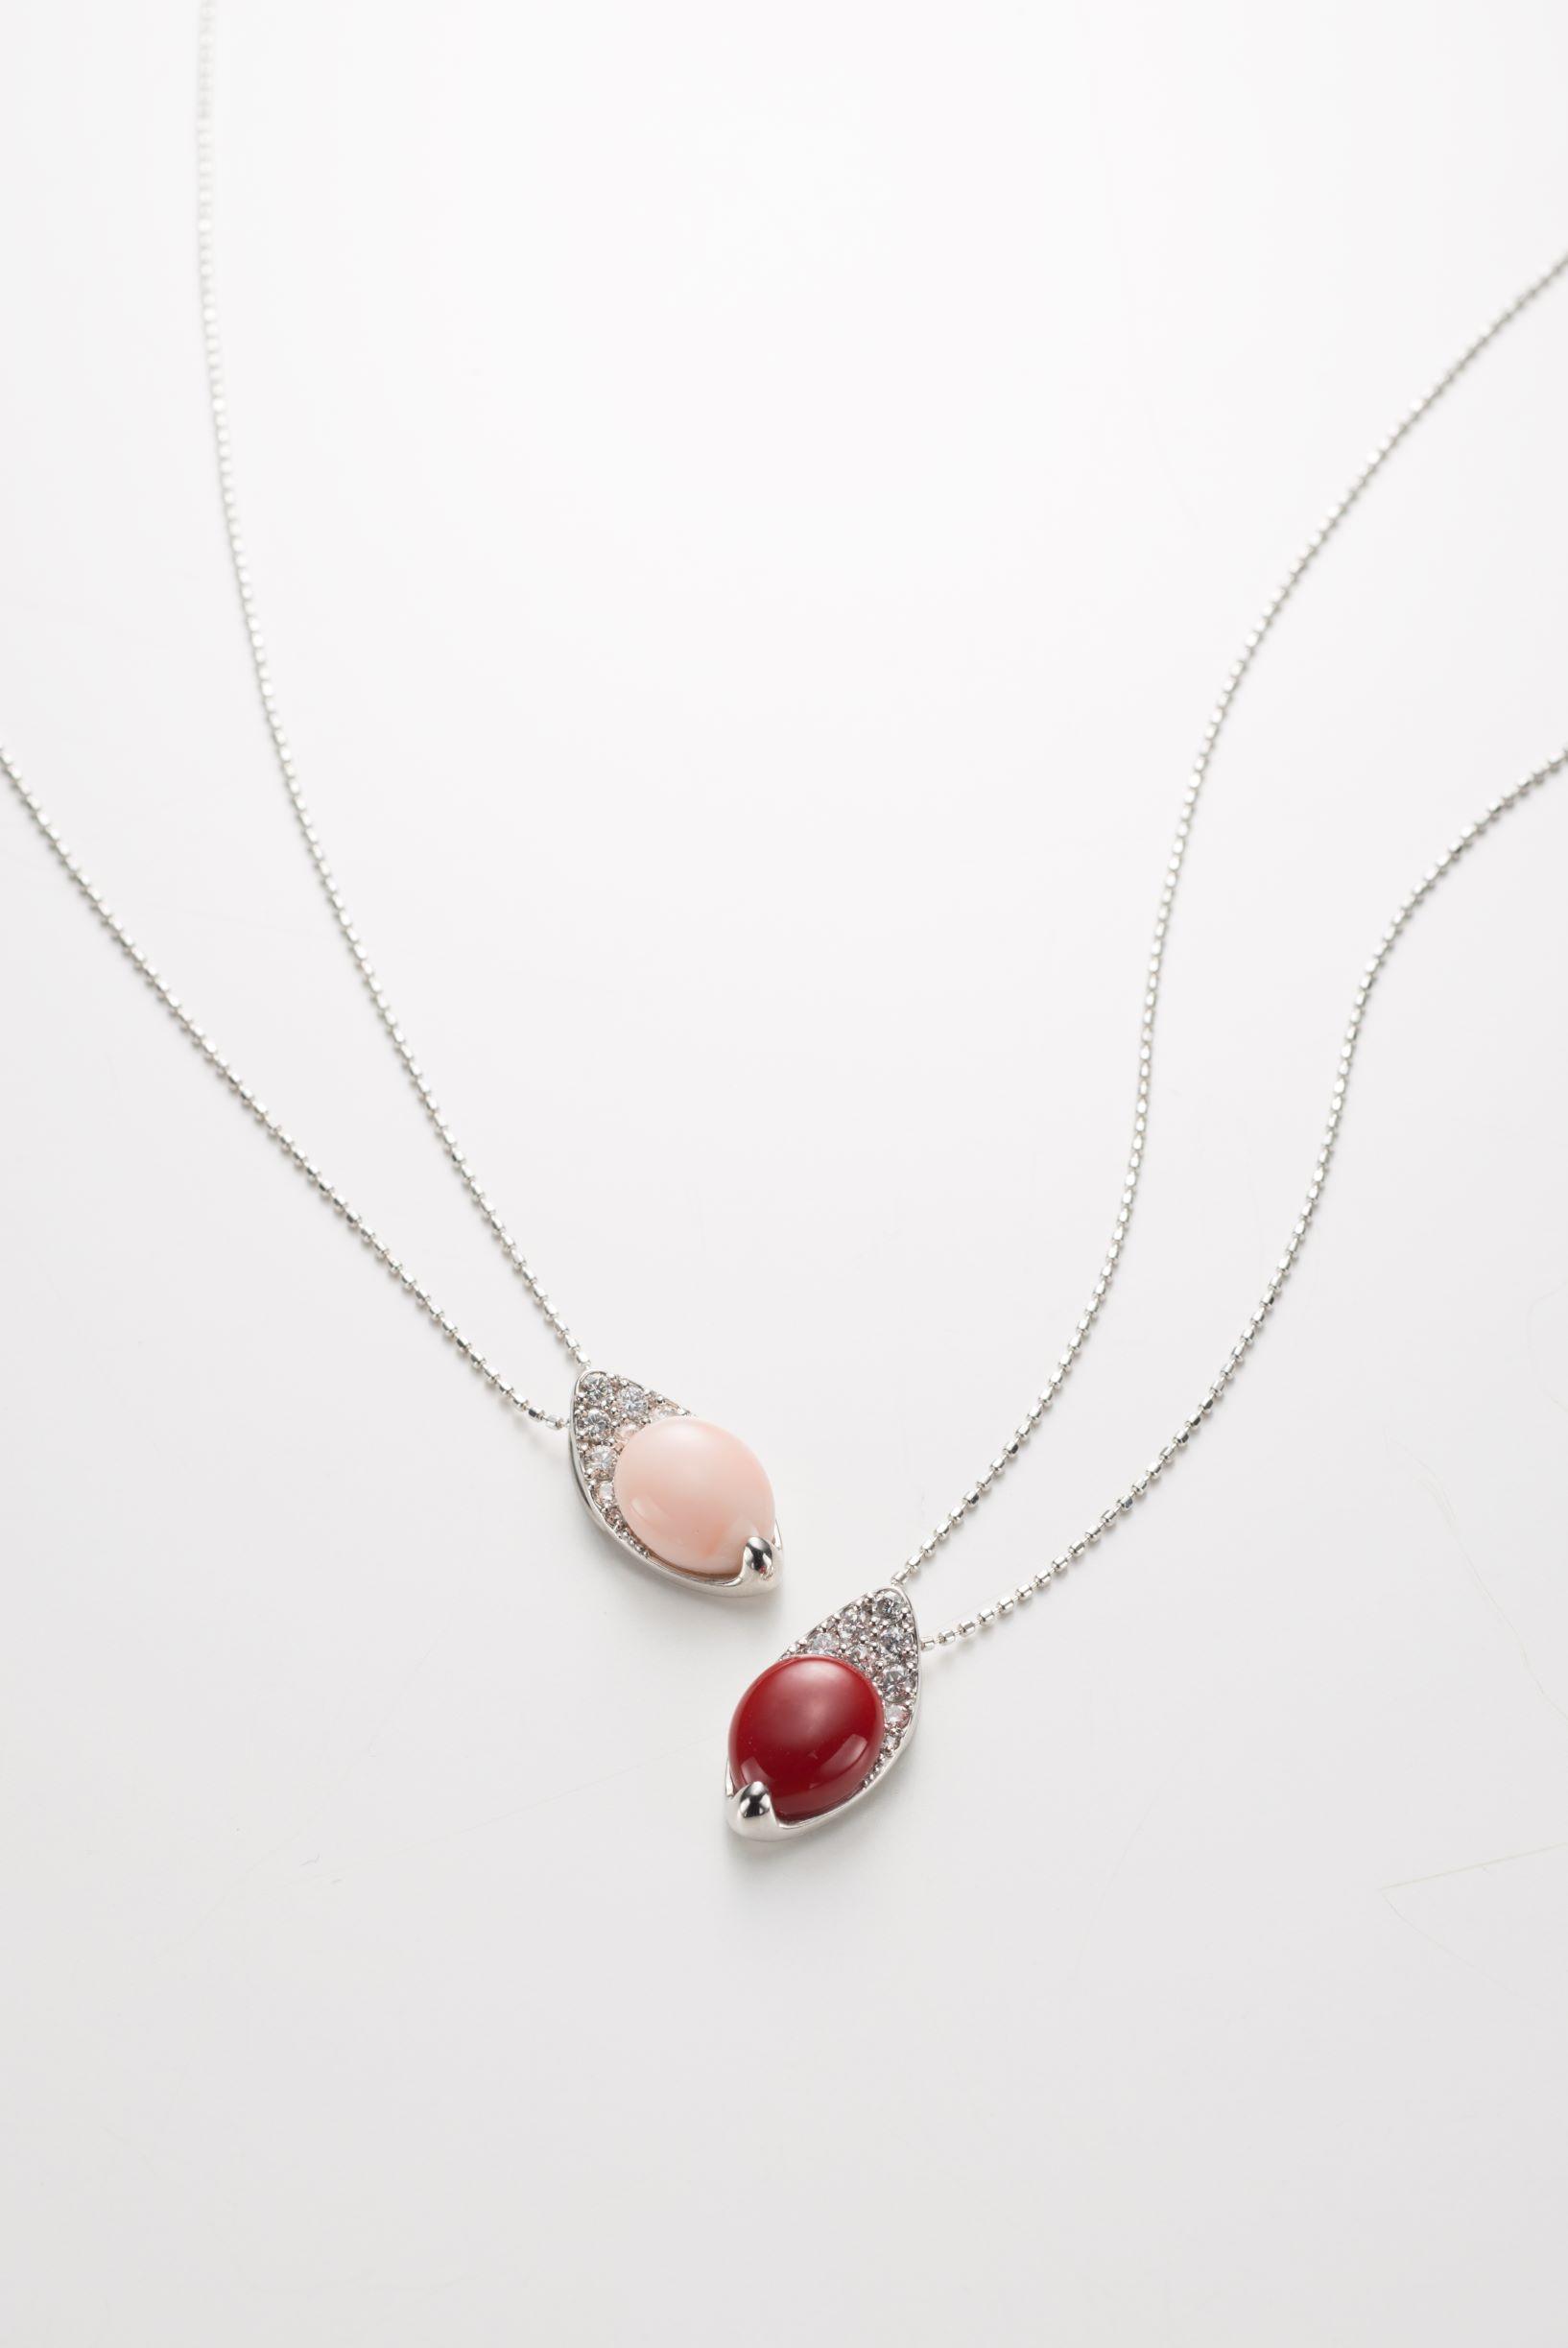 赤・ピンク珊瑚(K18WG・ダイヤ) n②